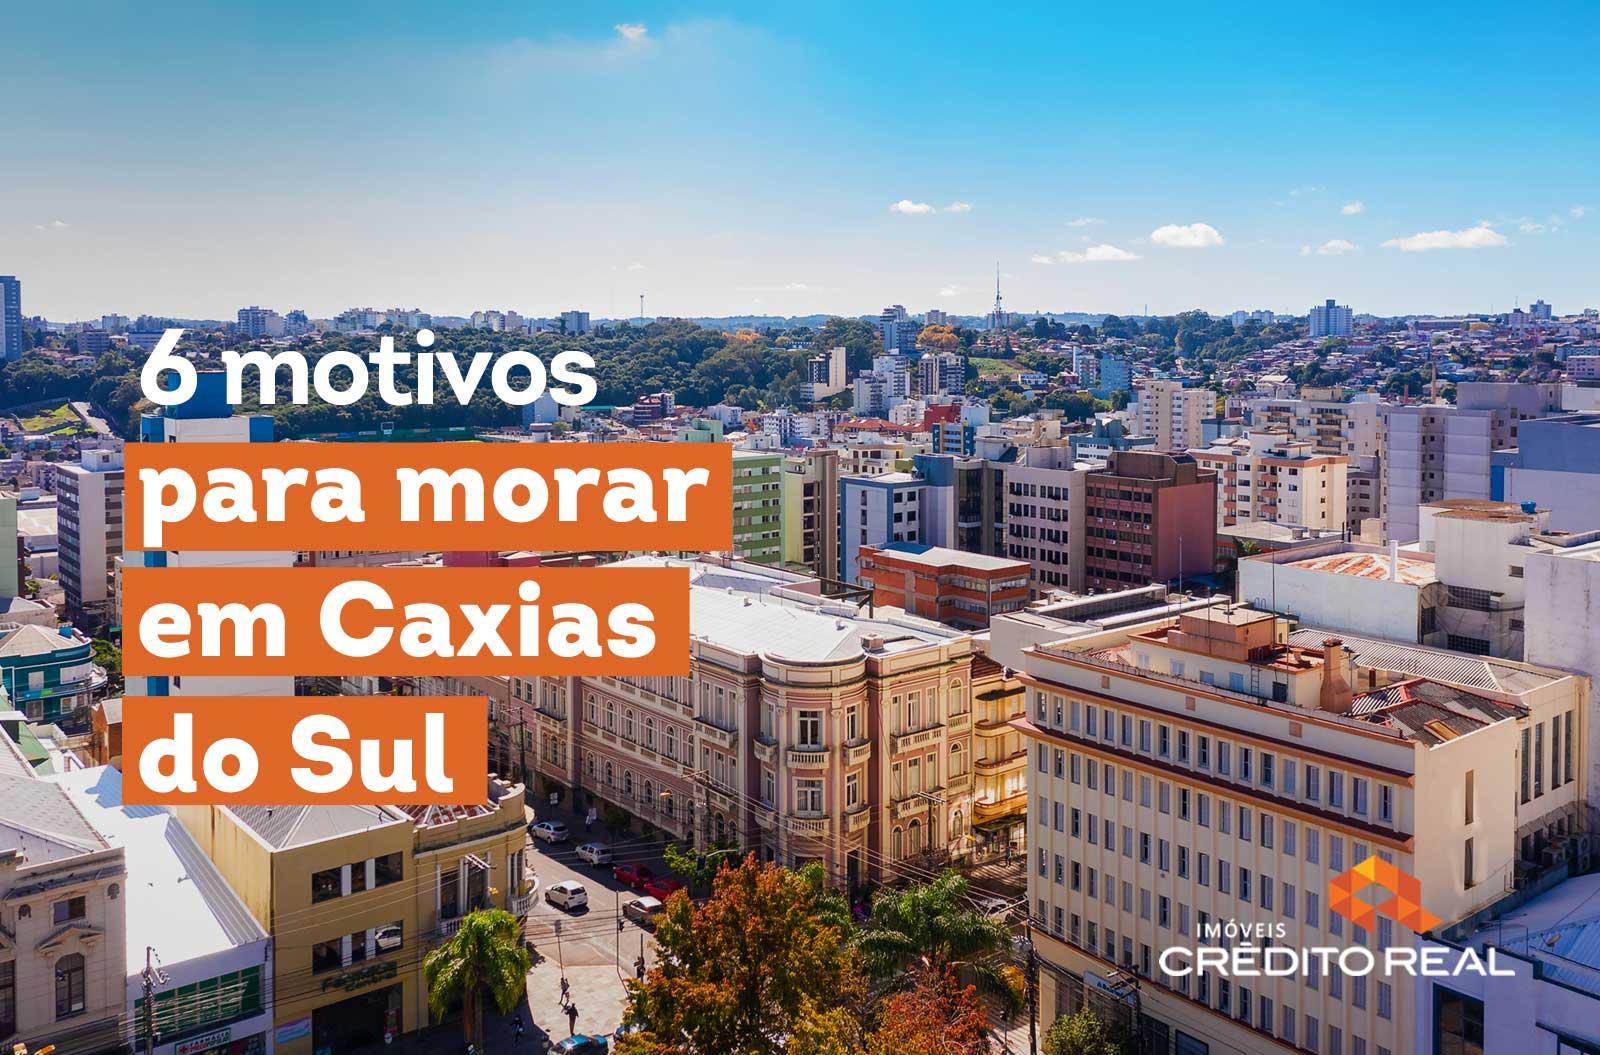 Motivos para morar em Caxias do Sul